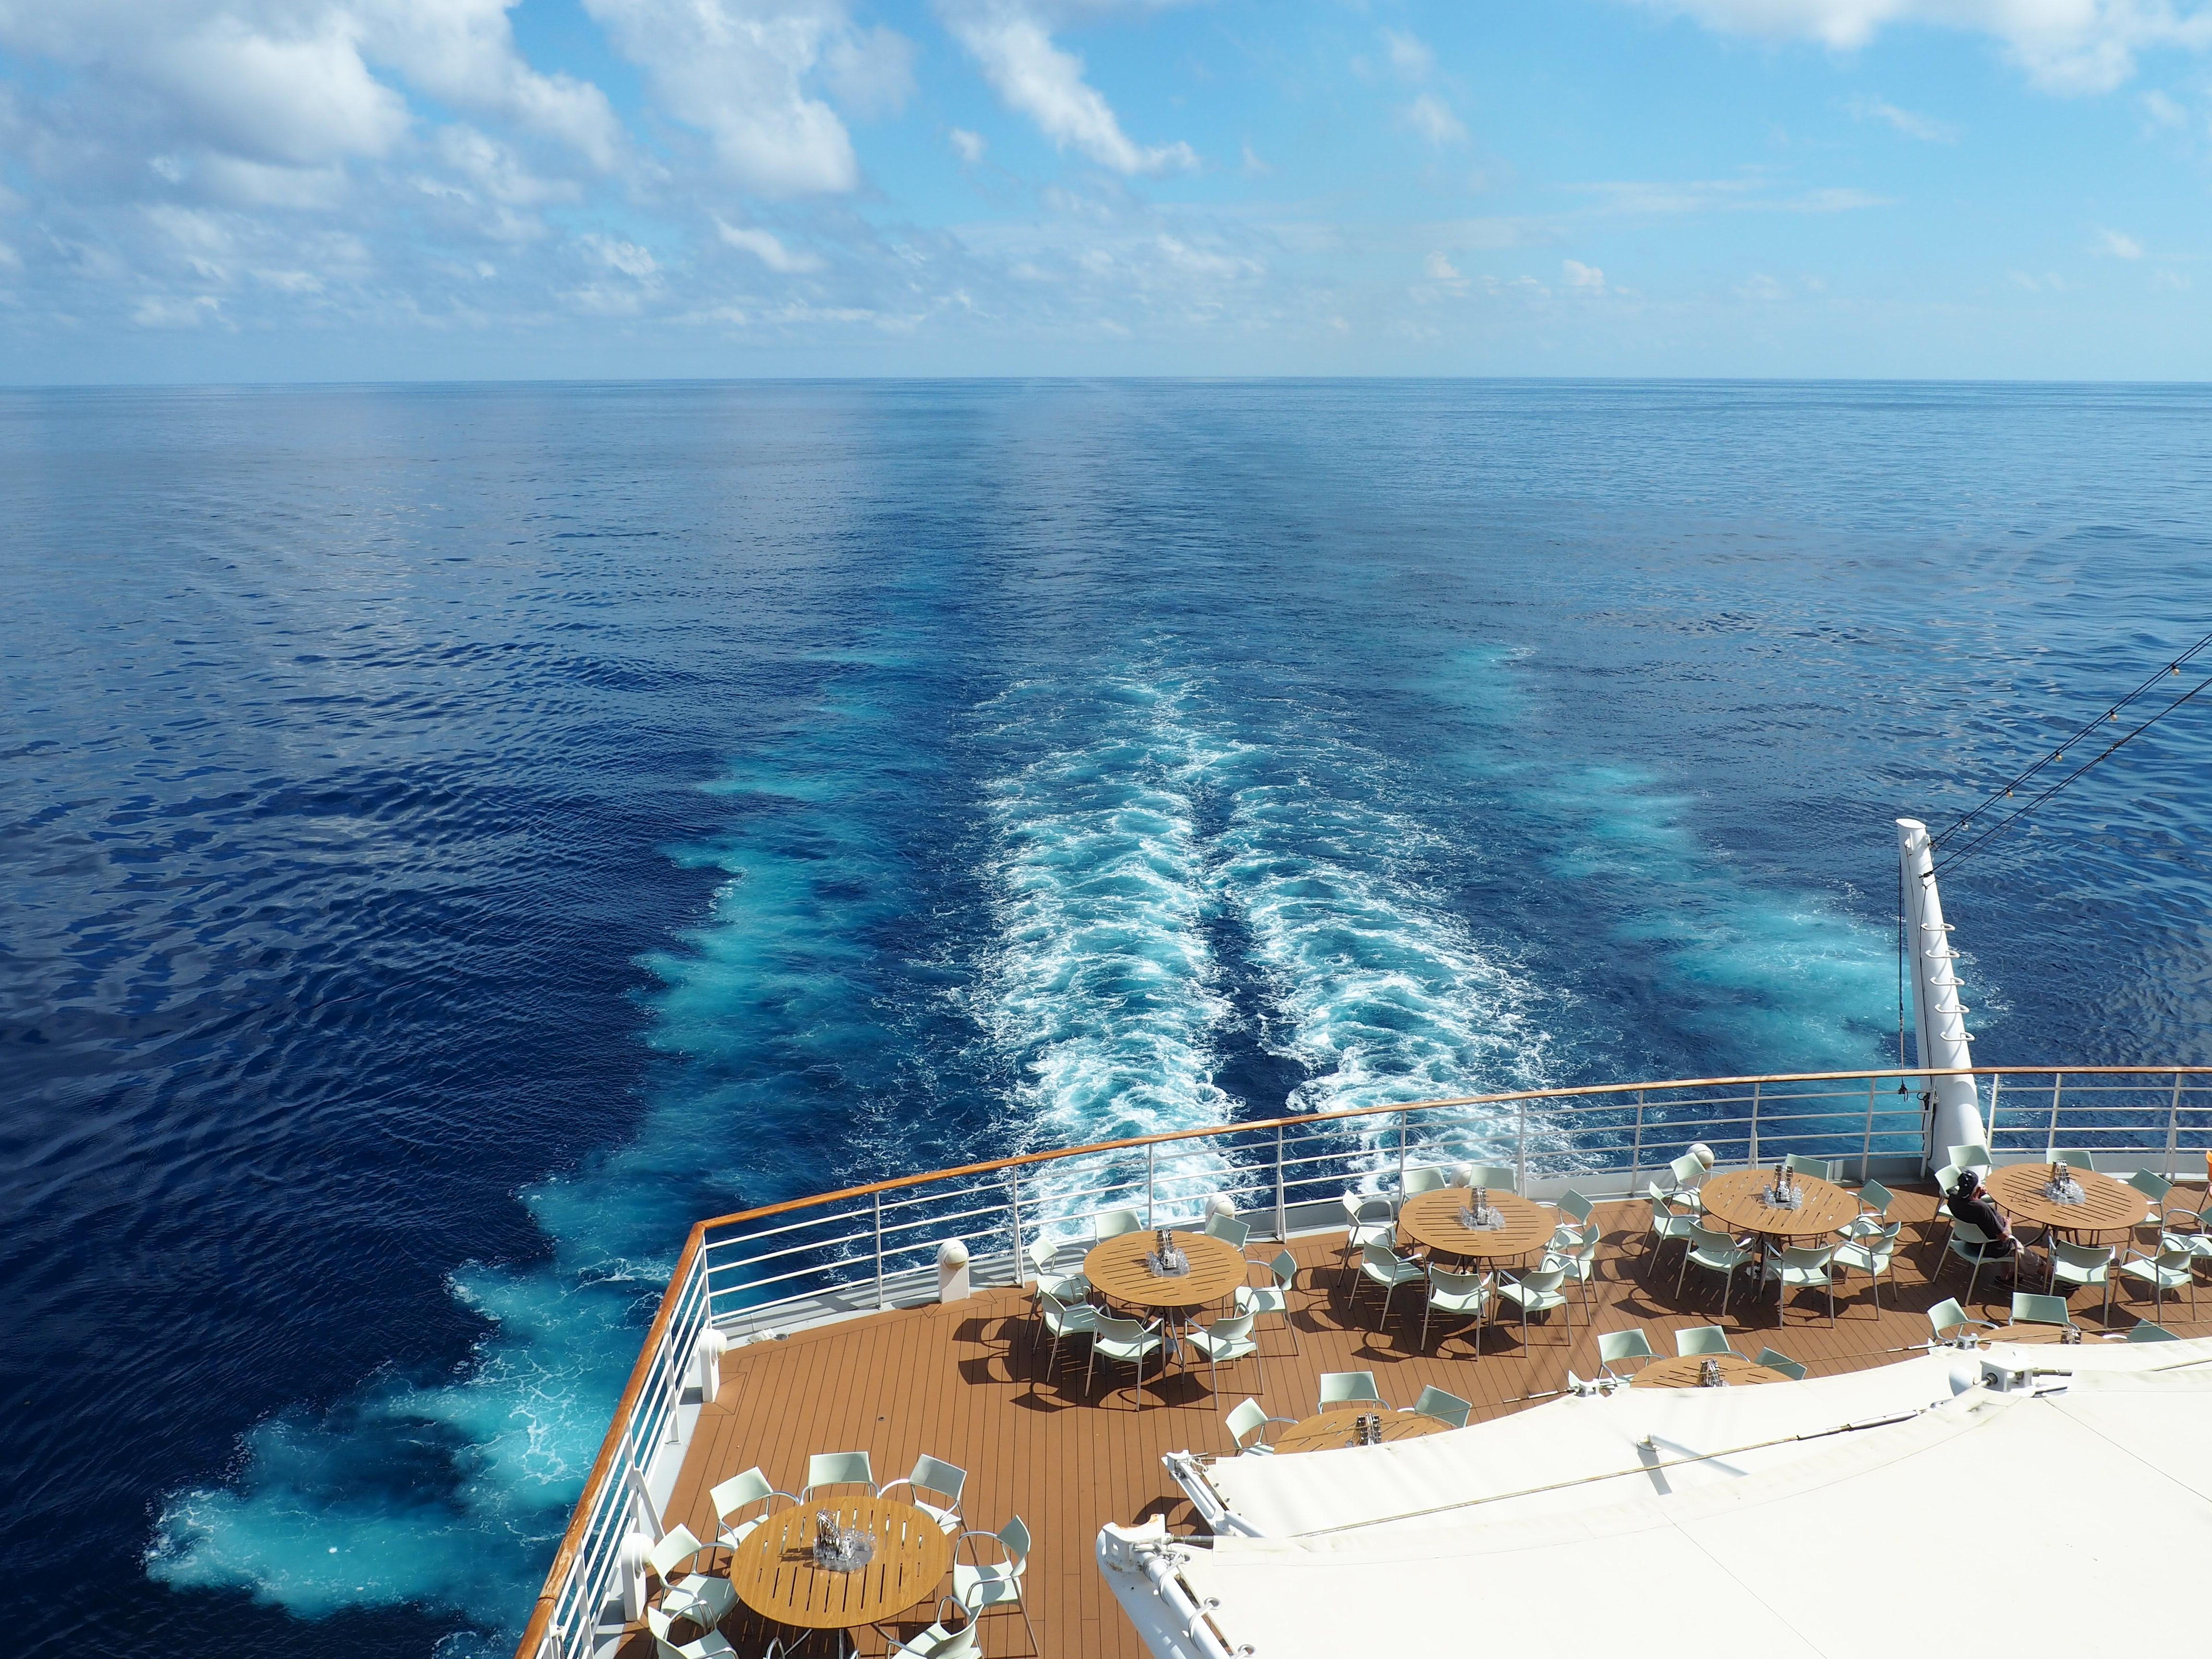 Chillen am Seetag während einer Kreuzfahrt